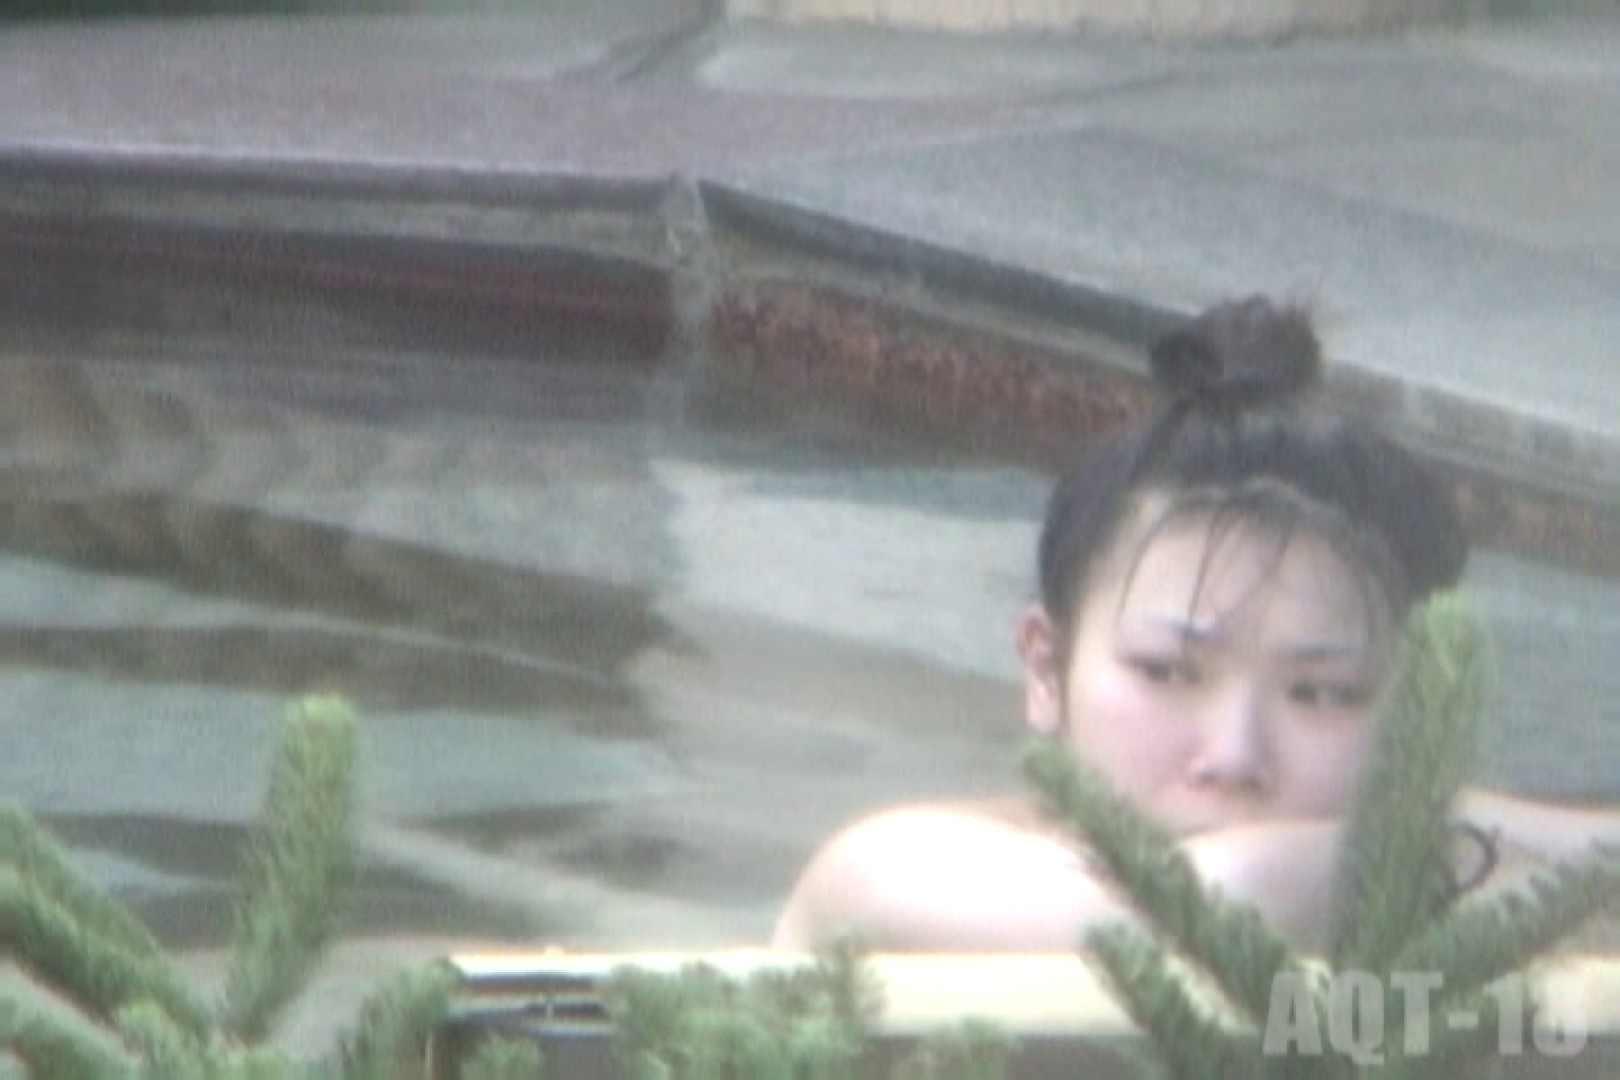 Aquaな露天風呂Vol.855 盗撮 セックス画像 67画像 62